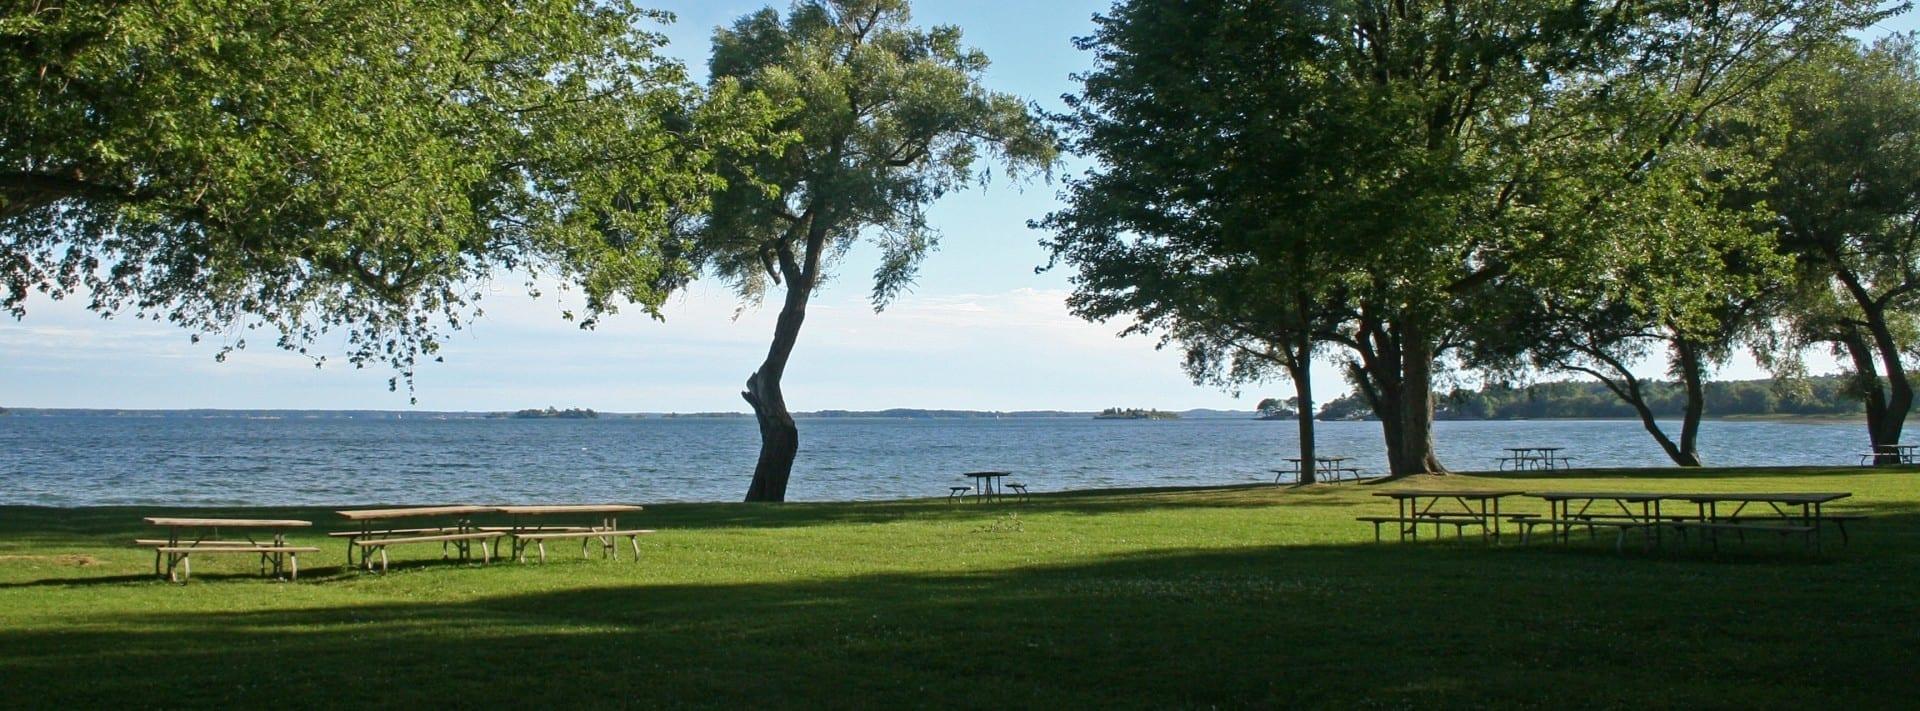 Vista de la costa desde la bahía de Brown situada en frente del municipio de Yonge. Thousand Islands Canadá